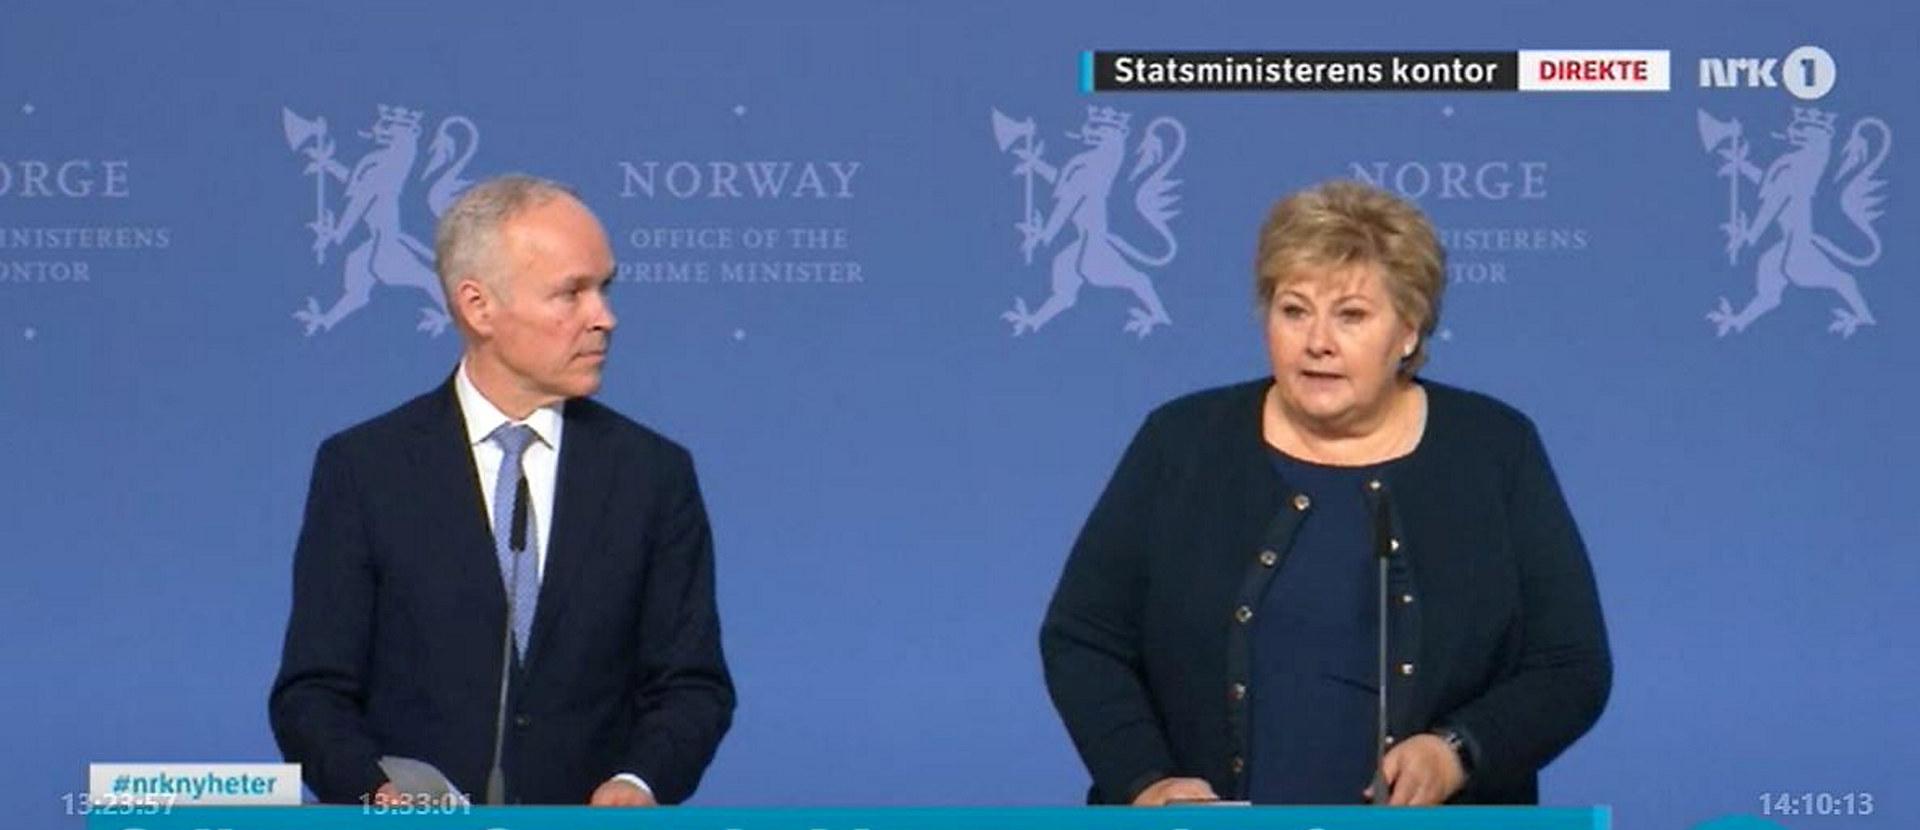 Statsminister Erna Solberg og finansminister Jan Tore Sanner. Skjermdump: NRK